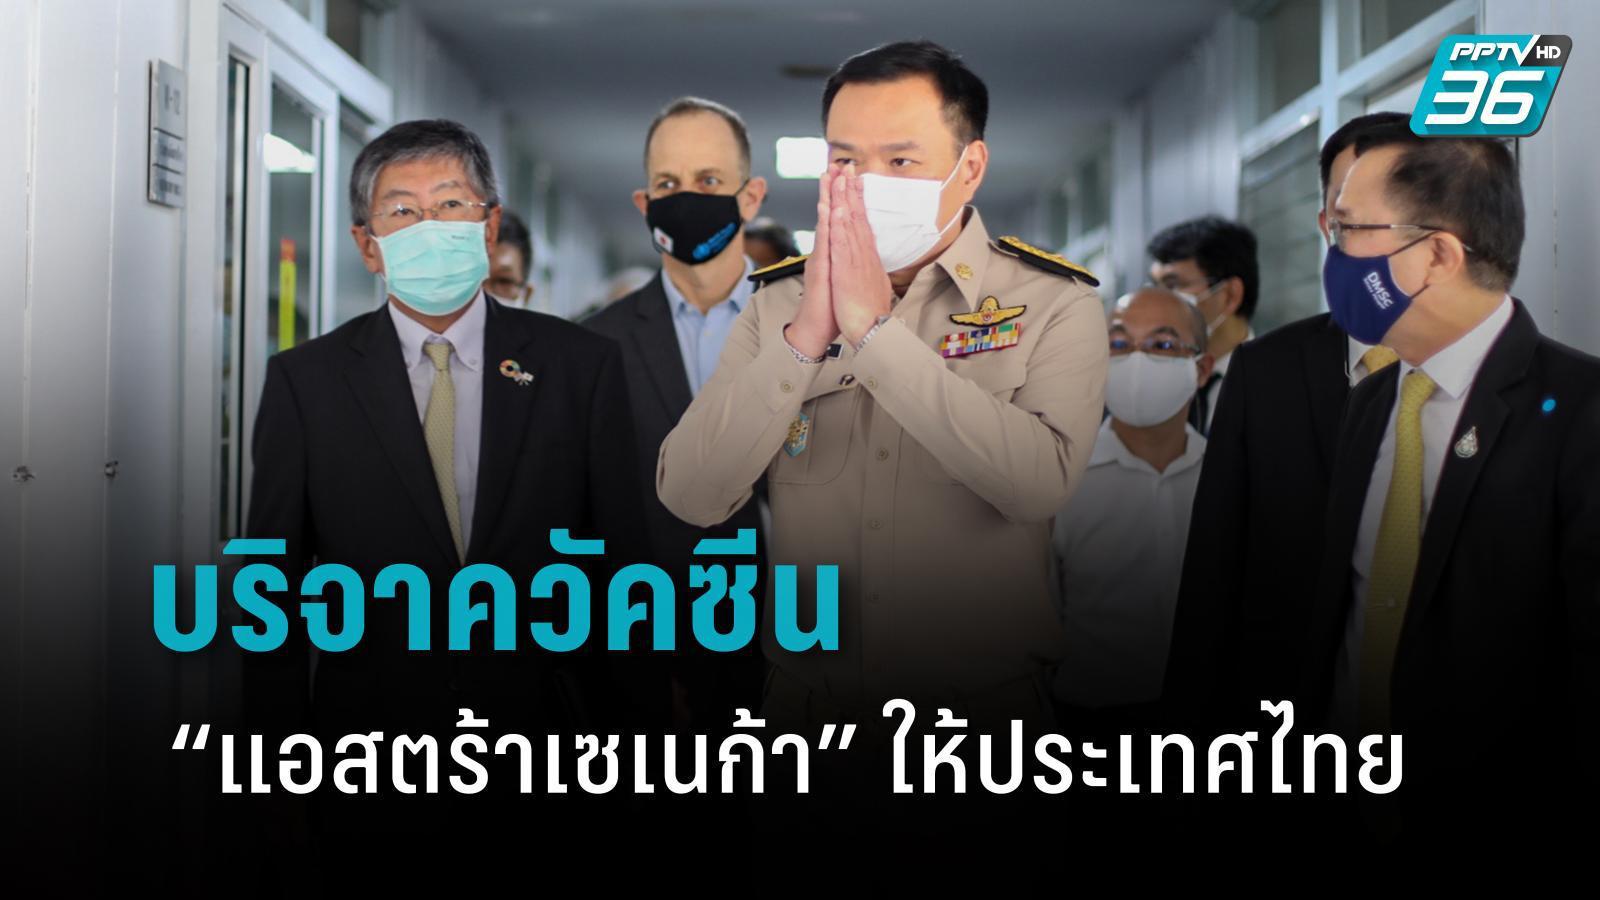 """""""อนุทิน"""" เผย ญี่ปุ่น เตรียมบริจาควัคซีน """"แอสตร้าเซเนก้า"""" ให้ไทย"""